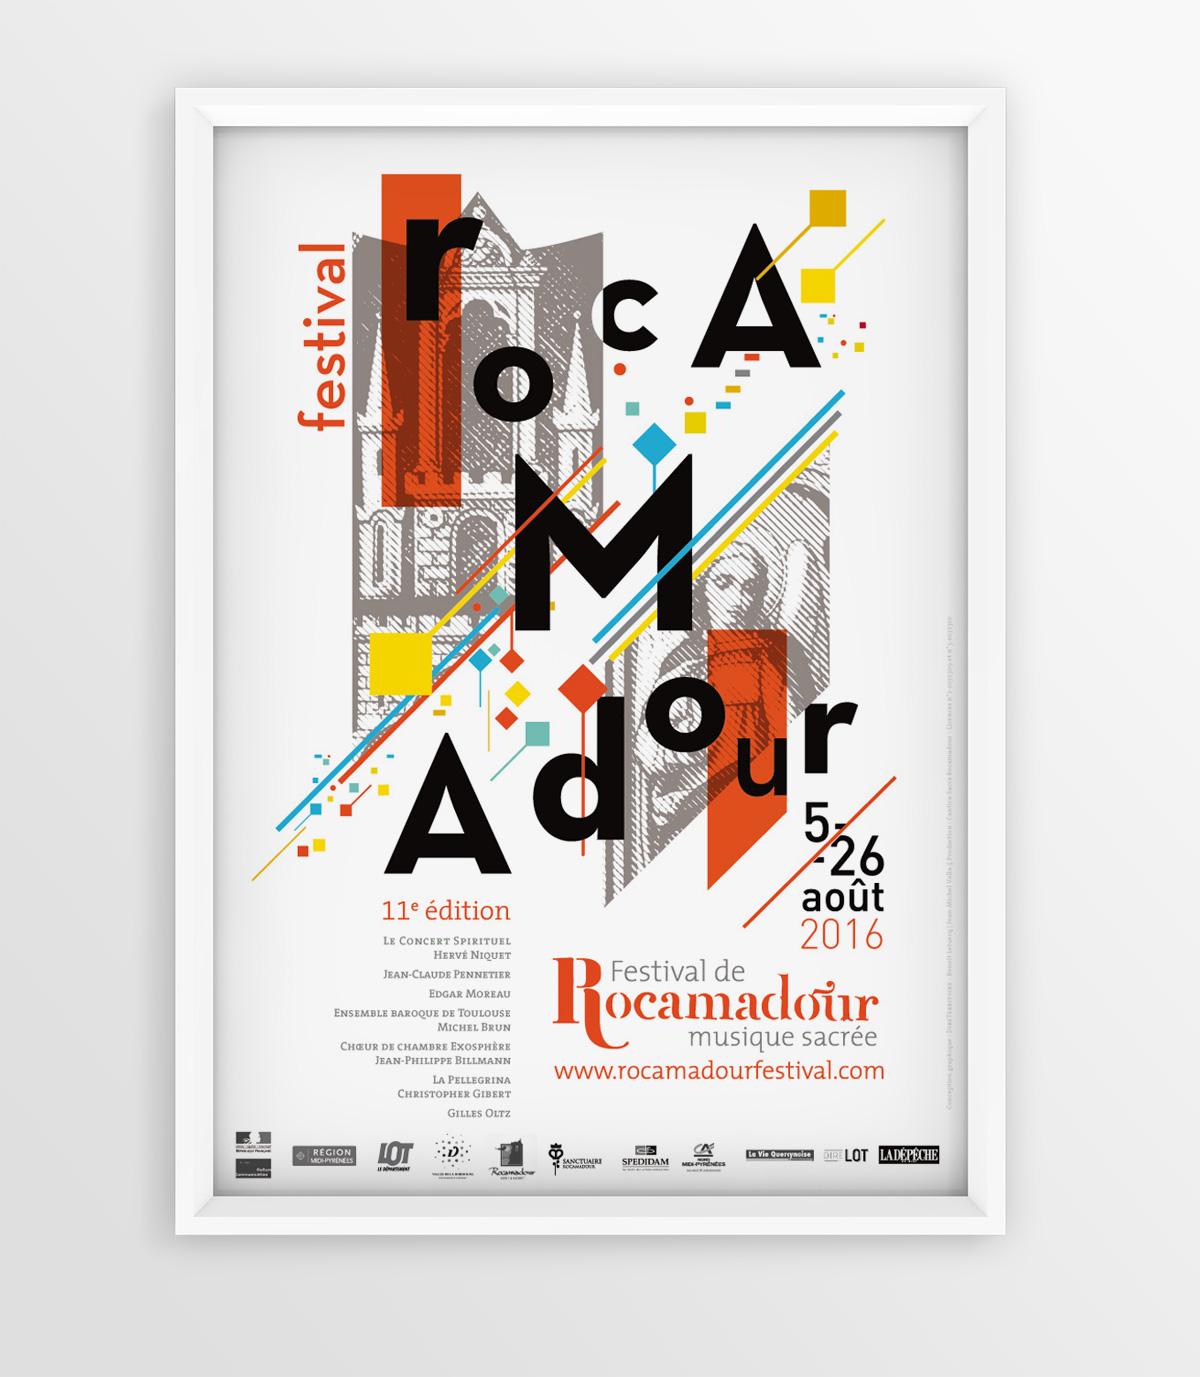 Affiche 2016 du Festival de Rocamadour